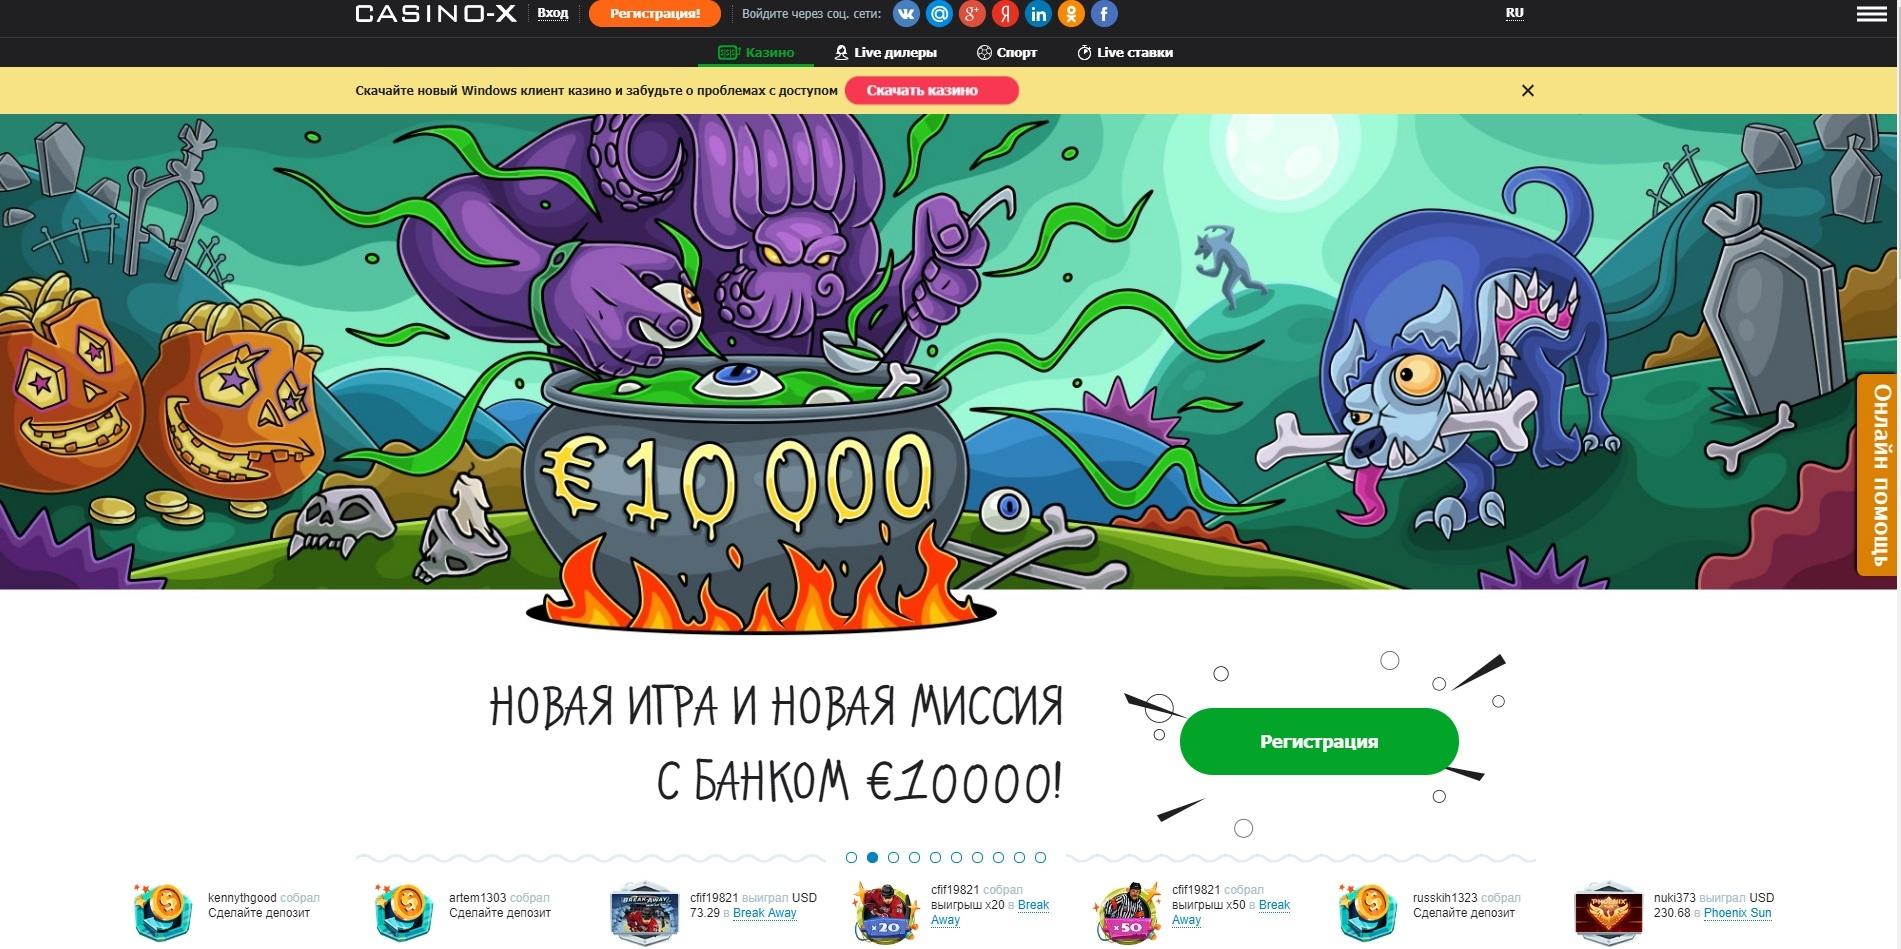 Популярные азартные игры